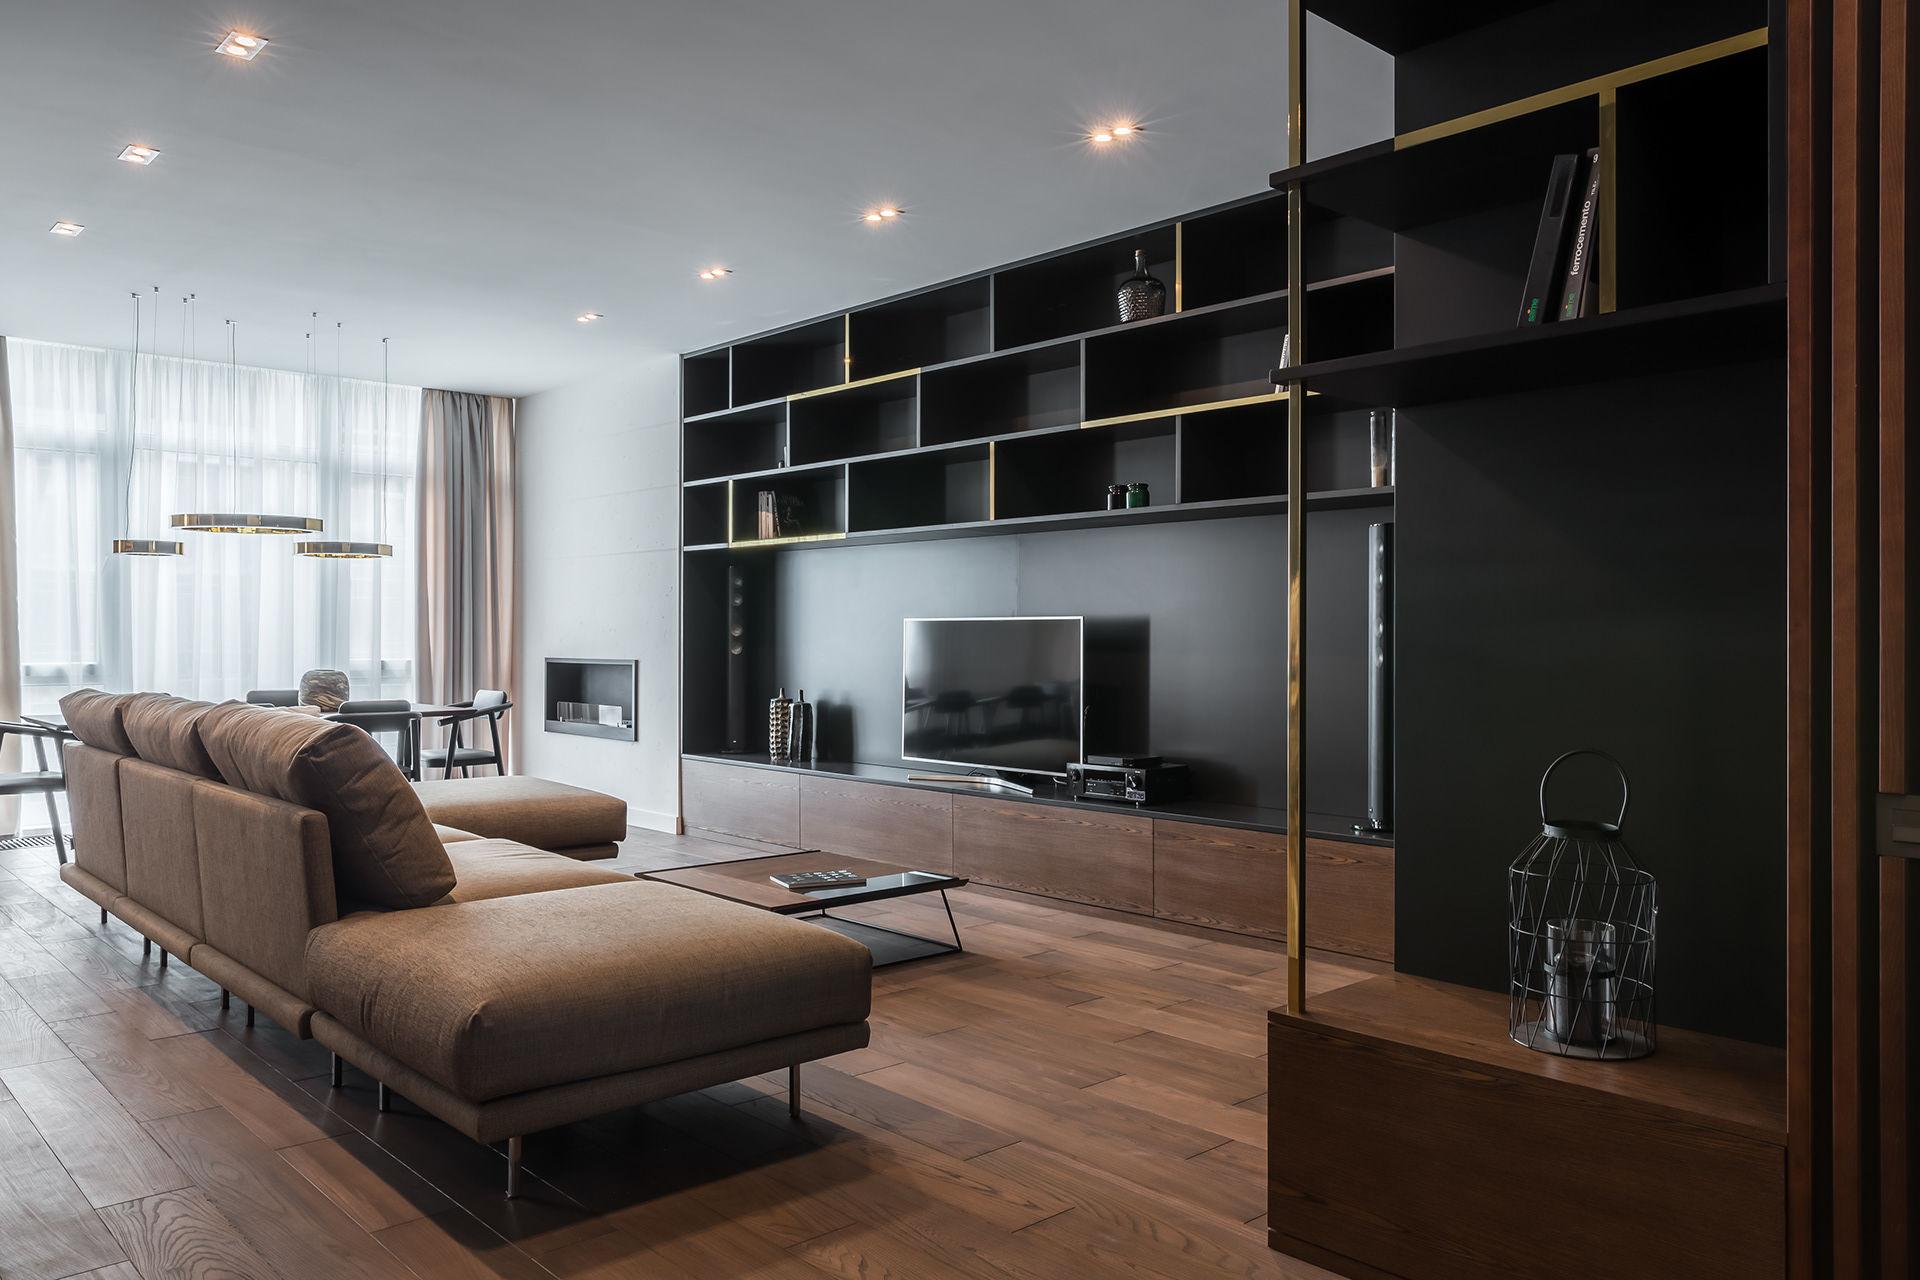 100 Square Meters Of Elegange Or K Apartment Simone Roveda Interior Design Archello